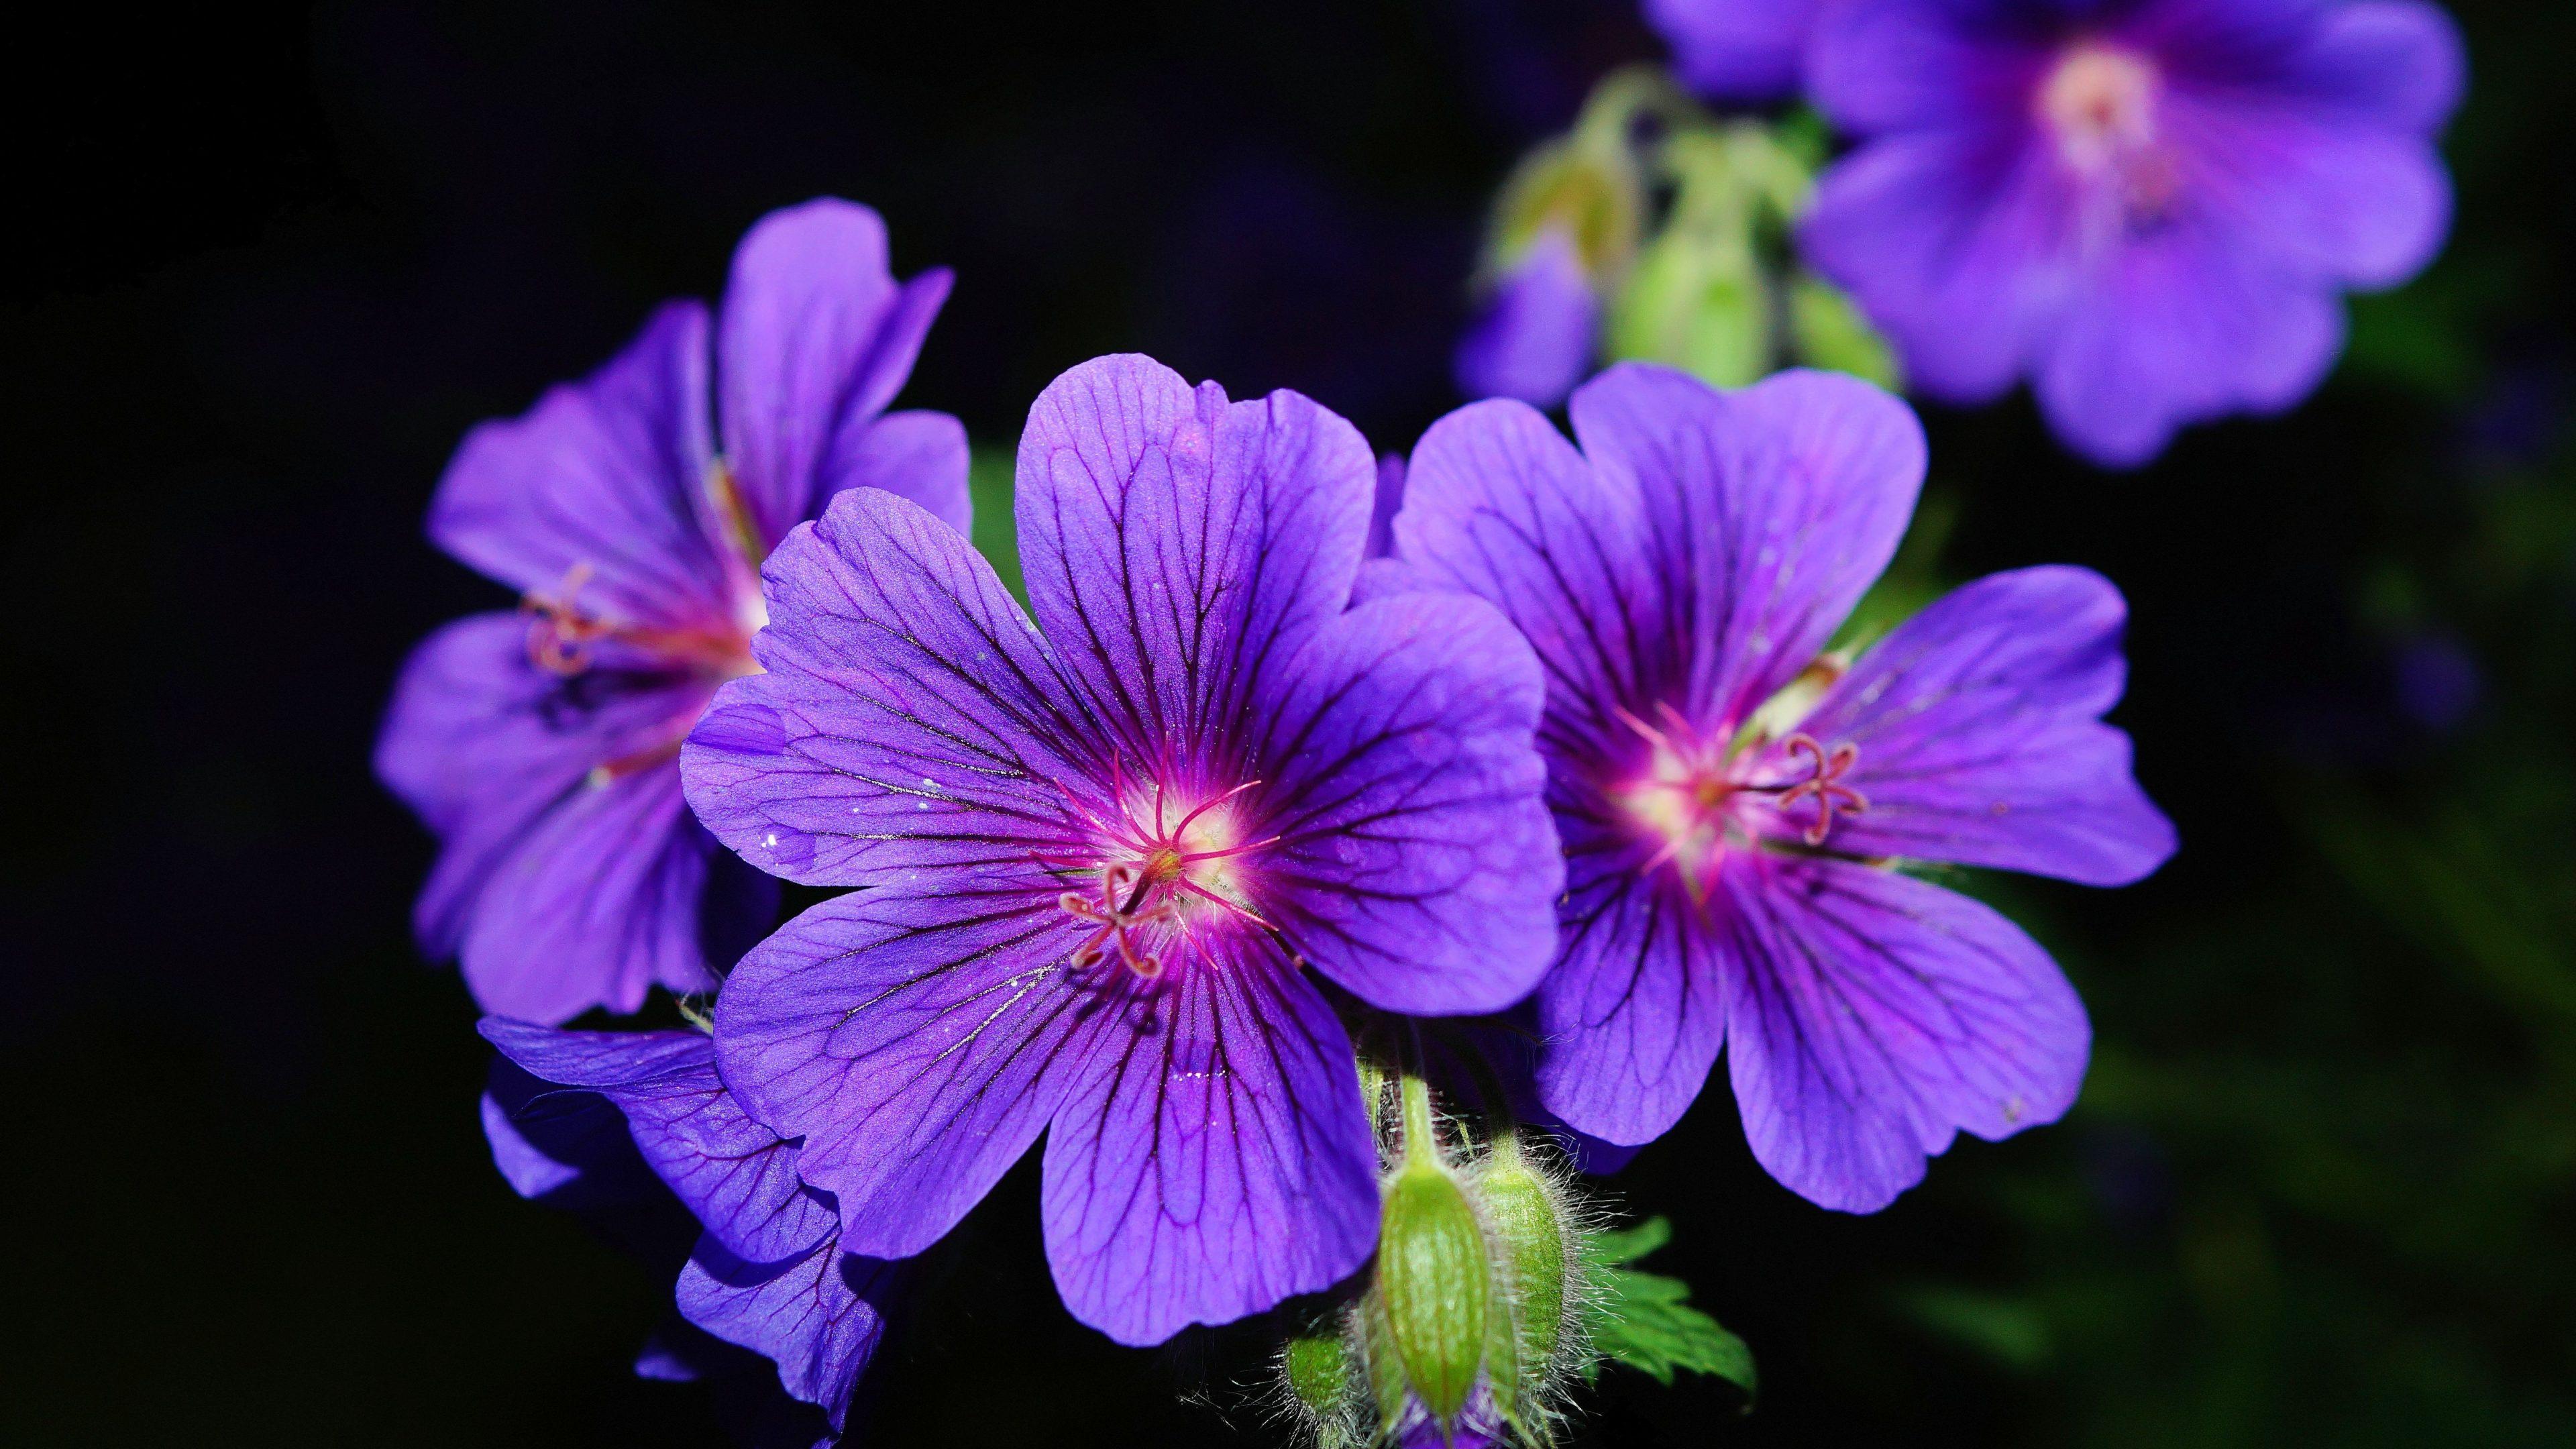 Purple Petaled Flower Wallpaper 4k Hd Wallpaper Background